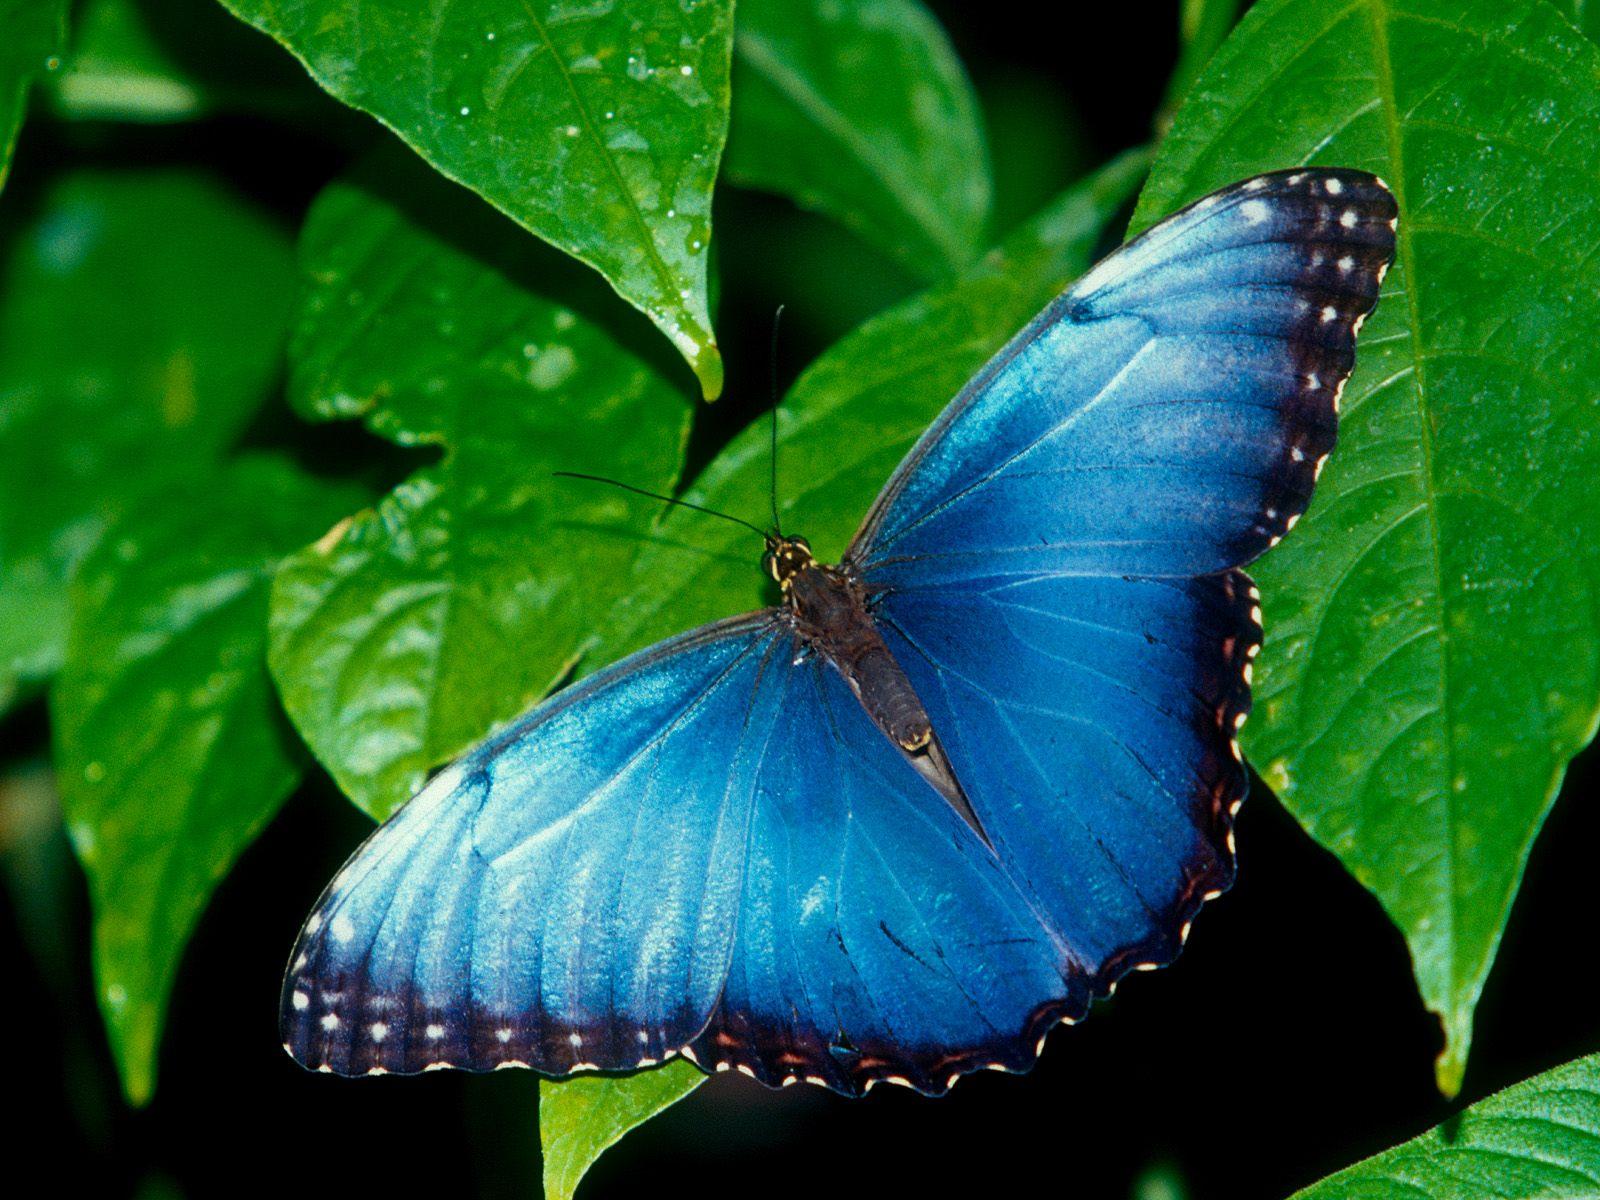 Butterfly Wallpaper | 3D Wallpaper | Nature Wallpaper | Free Download ...: 3dwallpaper2013.blogspot.com/2012/10/butterfly-wallpaper.html